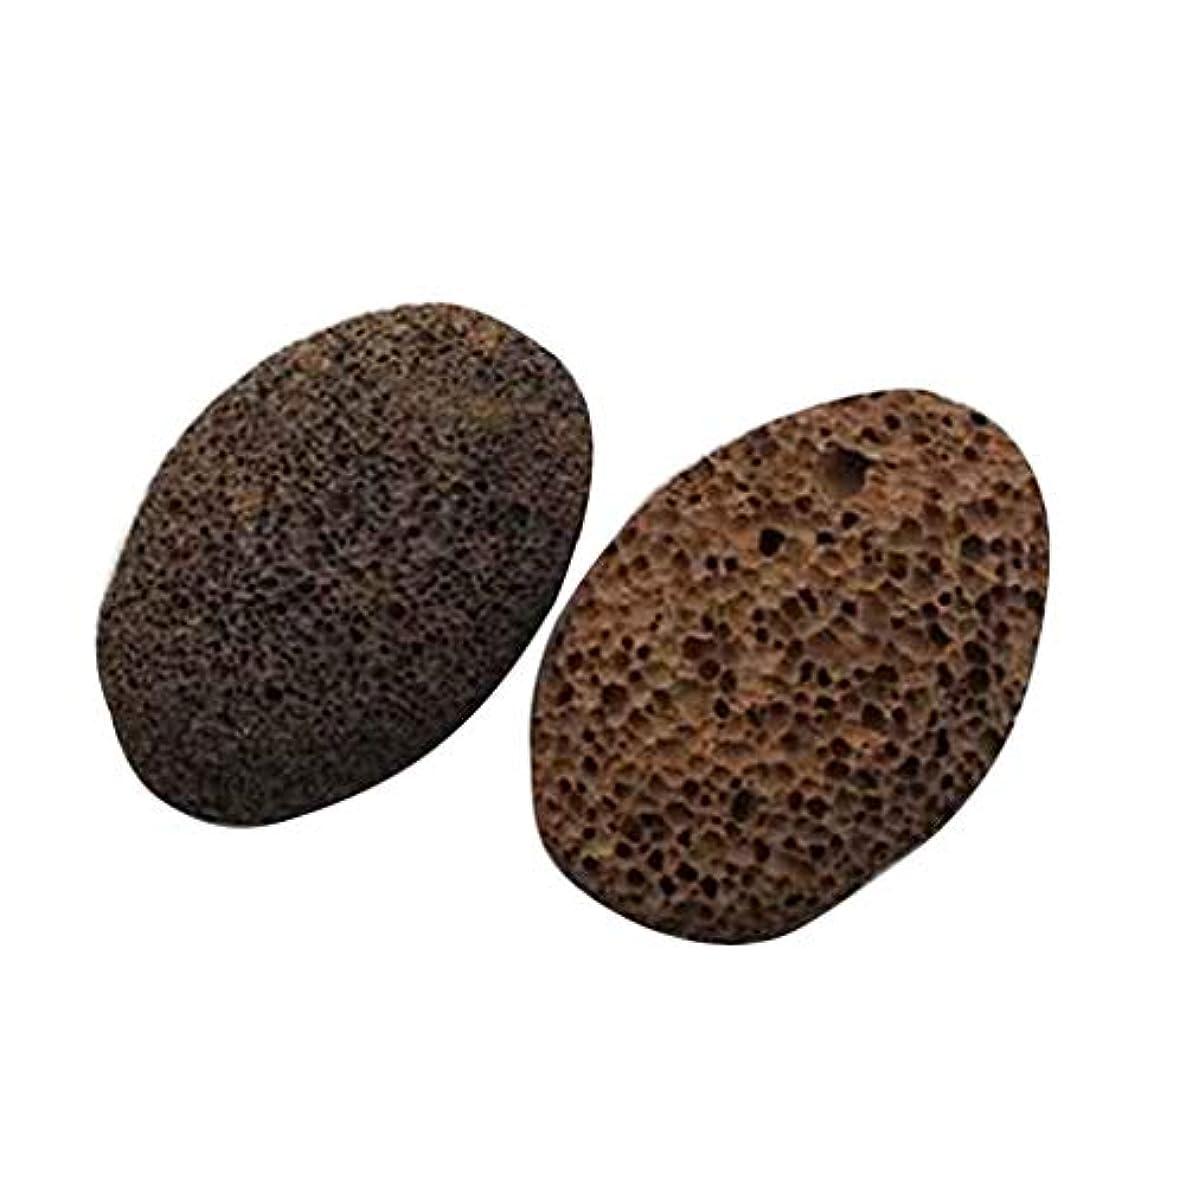 決して水分放射するCripsly ワイプ足石 死んだ皮軽石を取り除き 足石を挽いて 自然の火山石を剥がします 足マッサージ石 2個セット